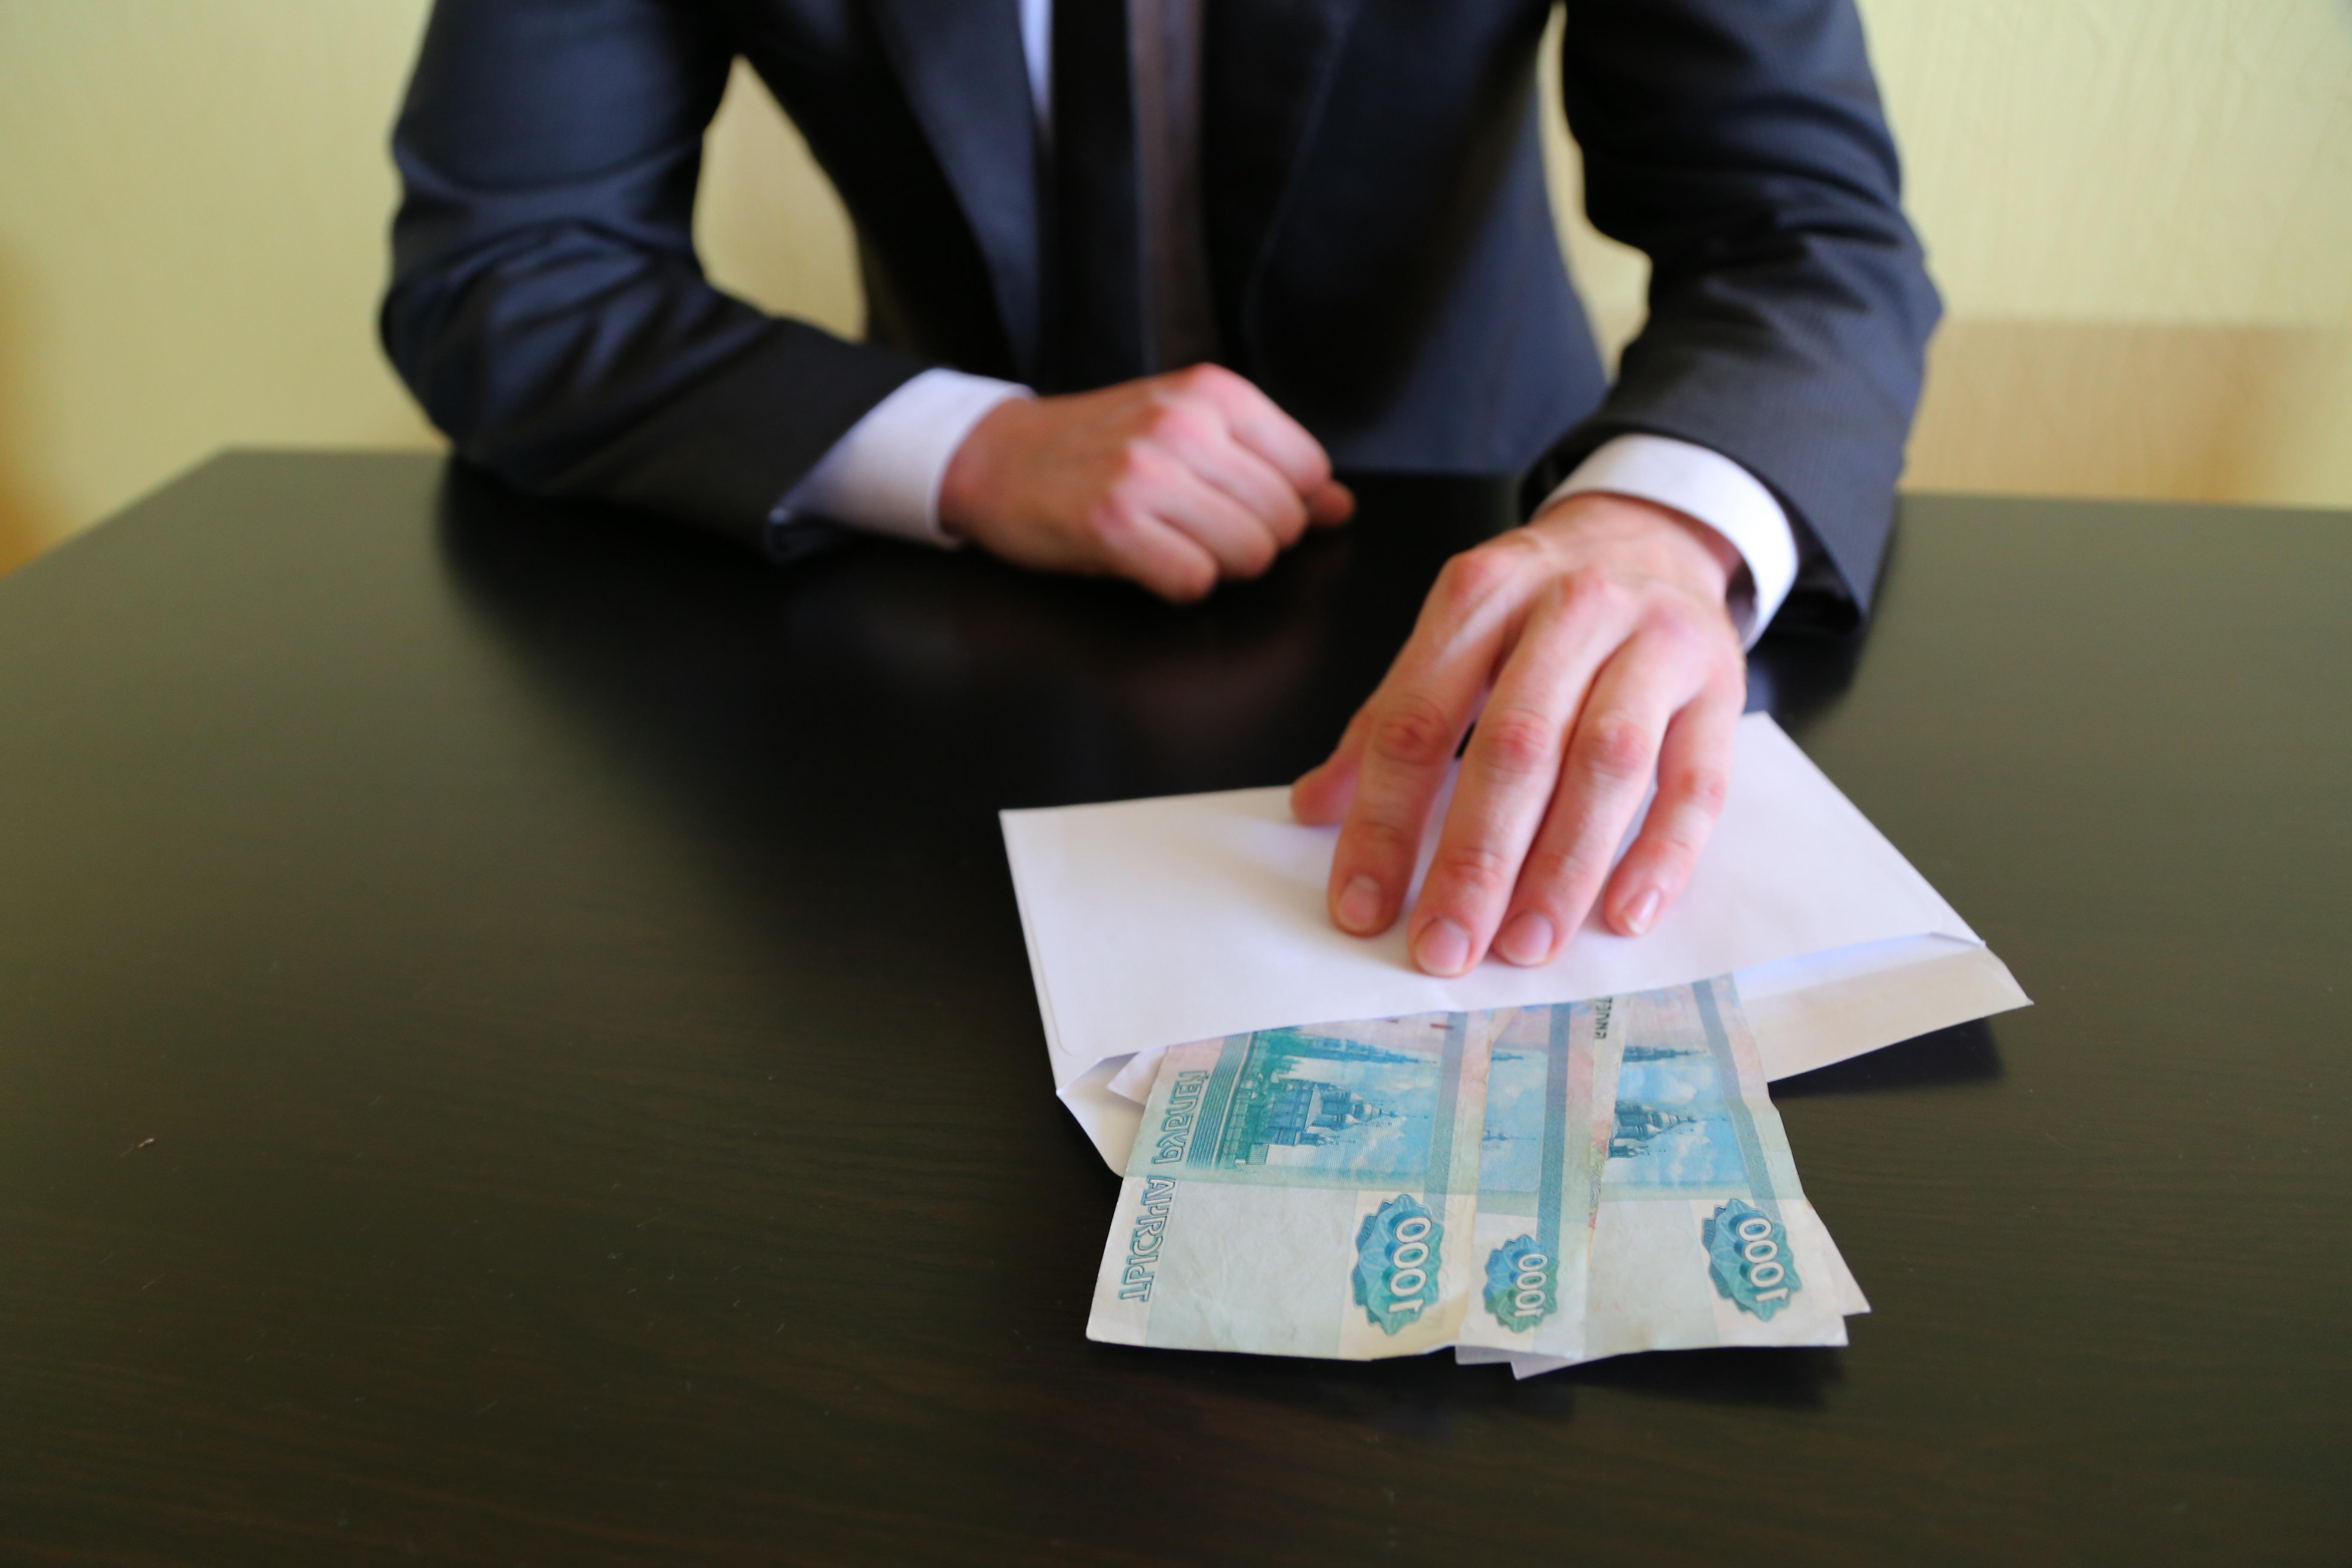 В Севастополе борец с коррупцией попался на взятке